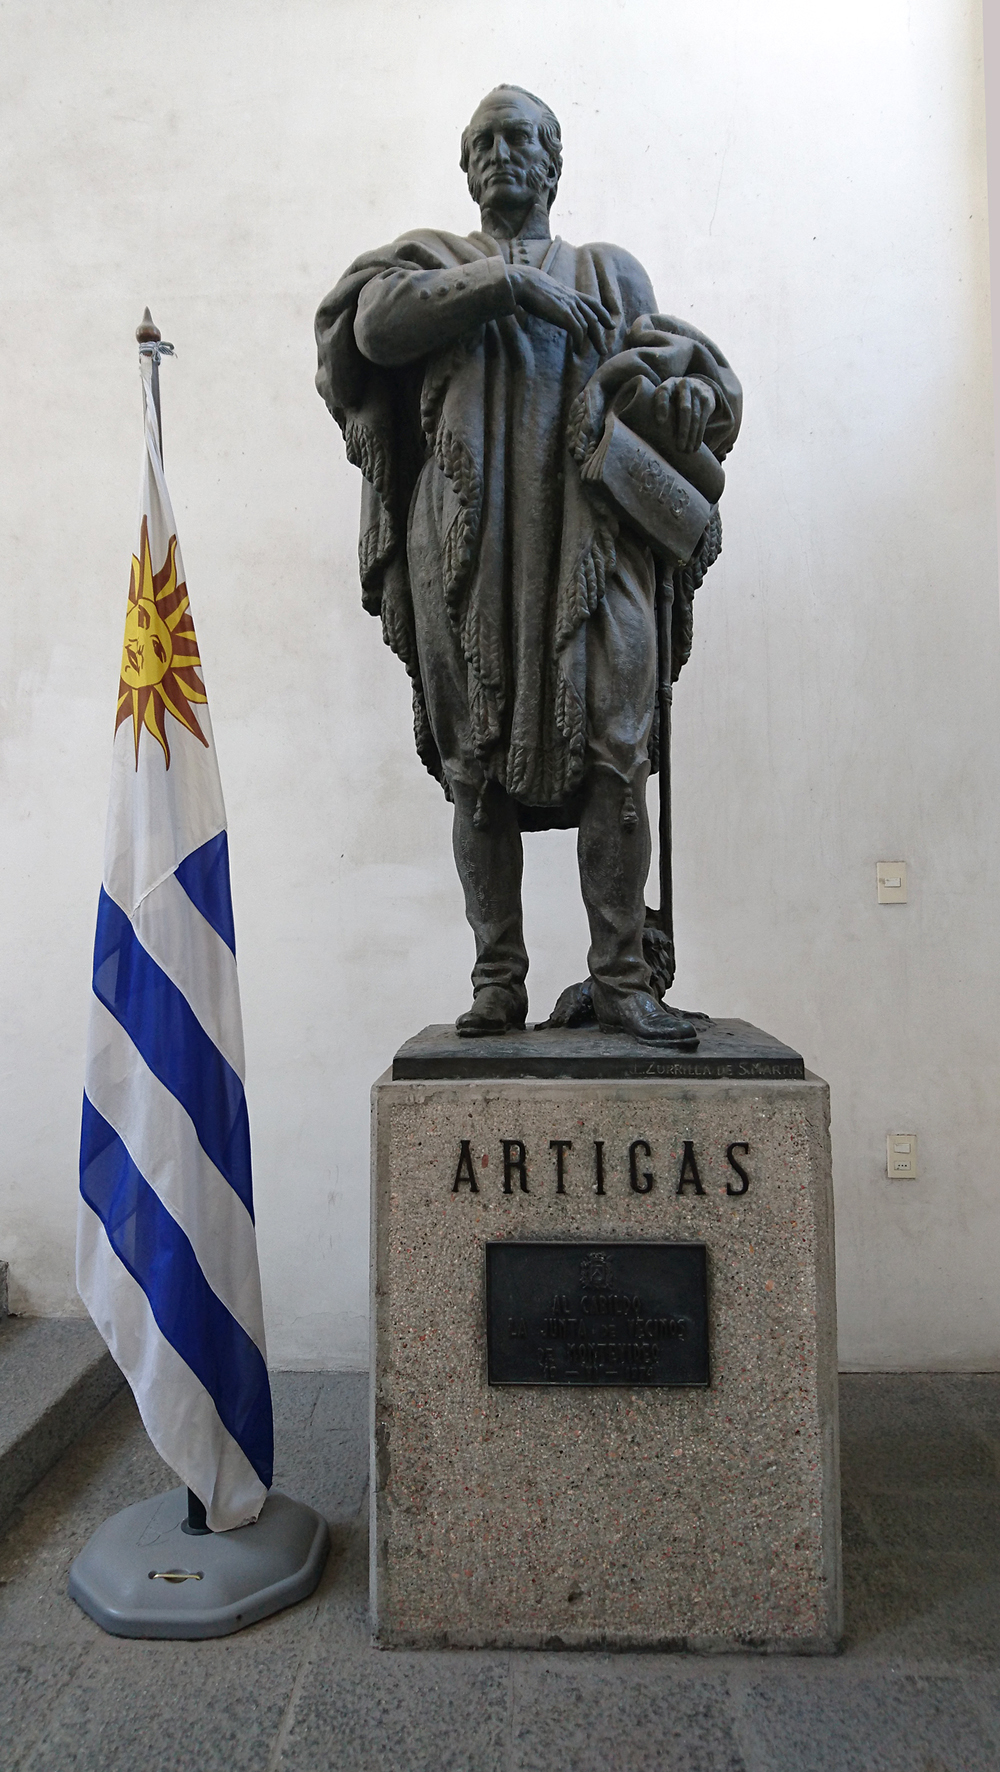 Socha Josého Artigase v Museo Histórico Cabildo. Foto: Barbora Šajmovičová, Sony Experia, 2016, Montevideo.